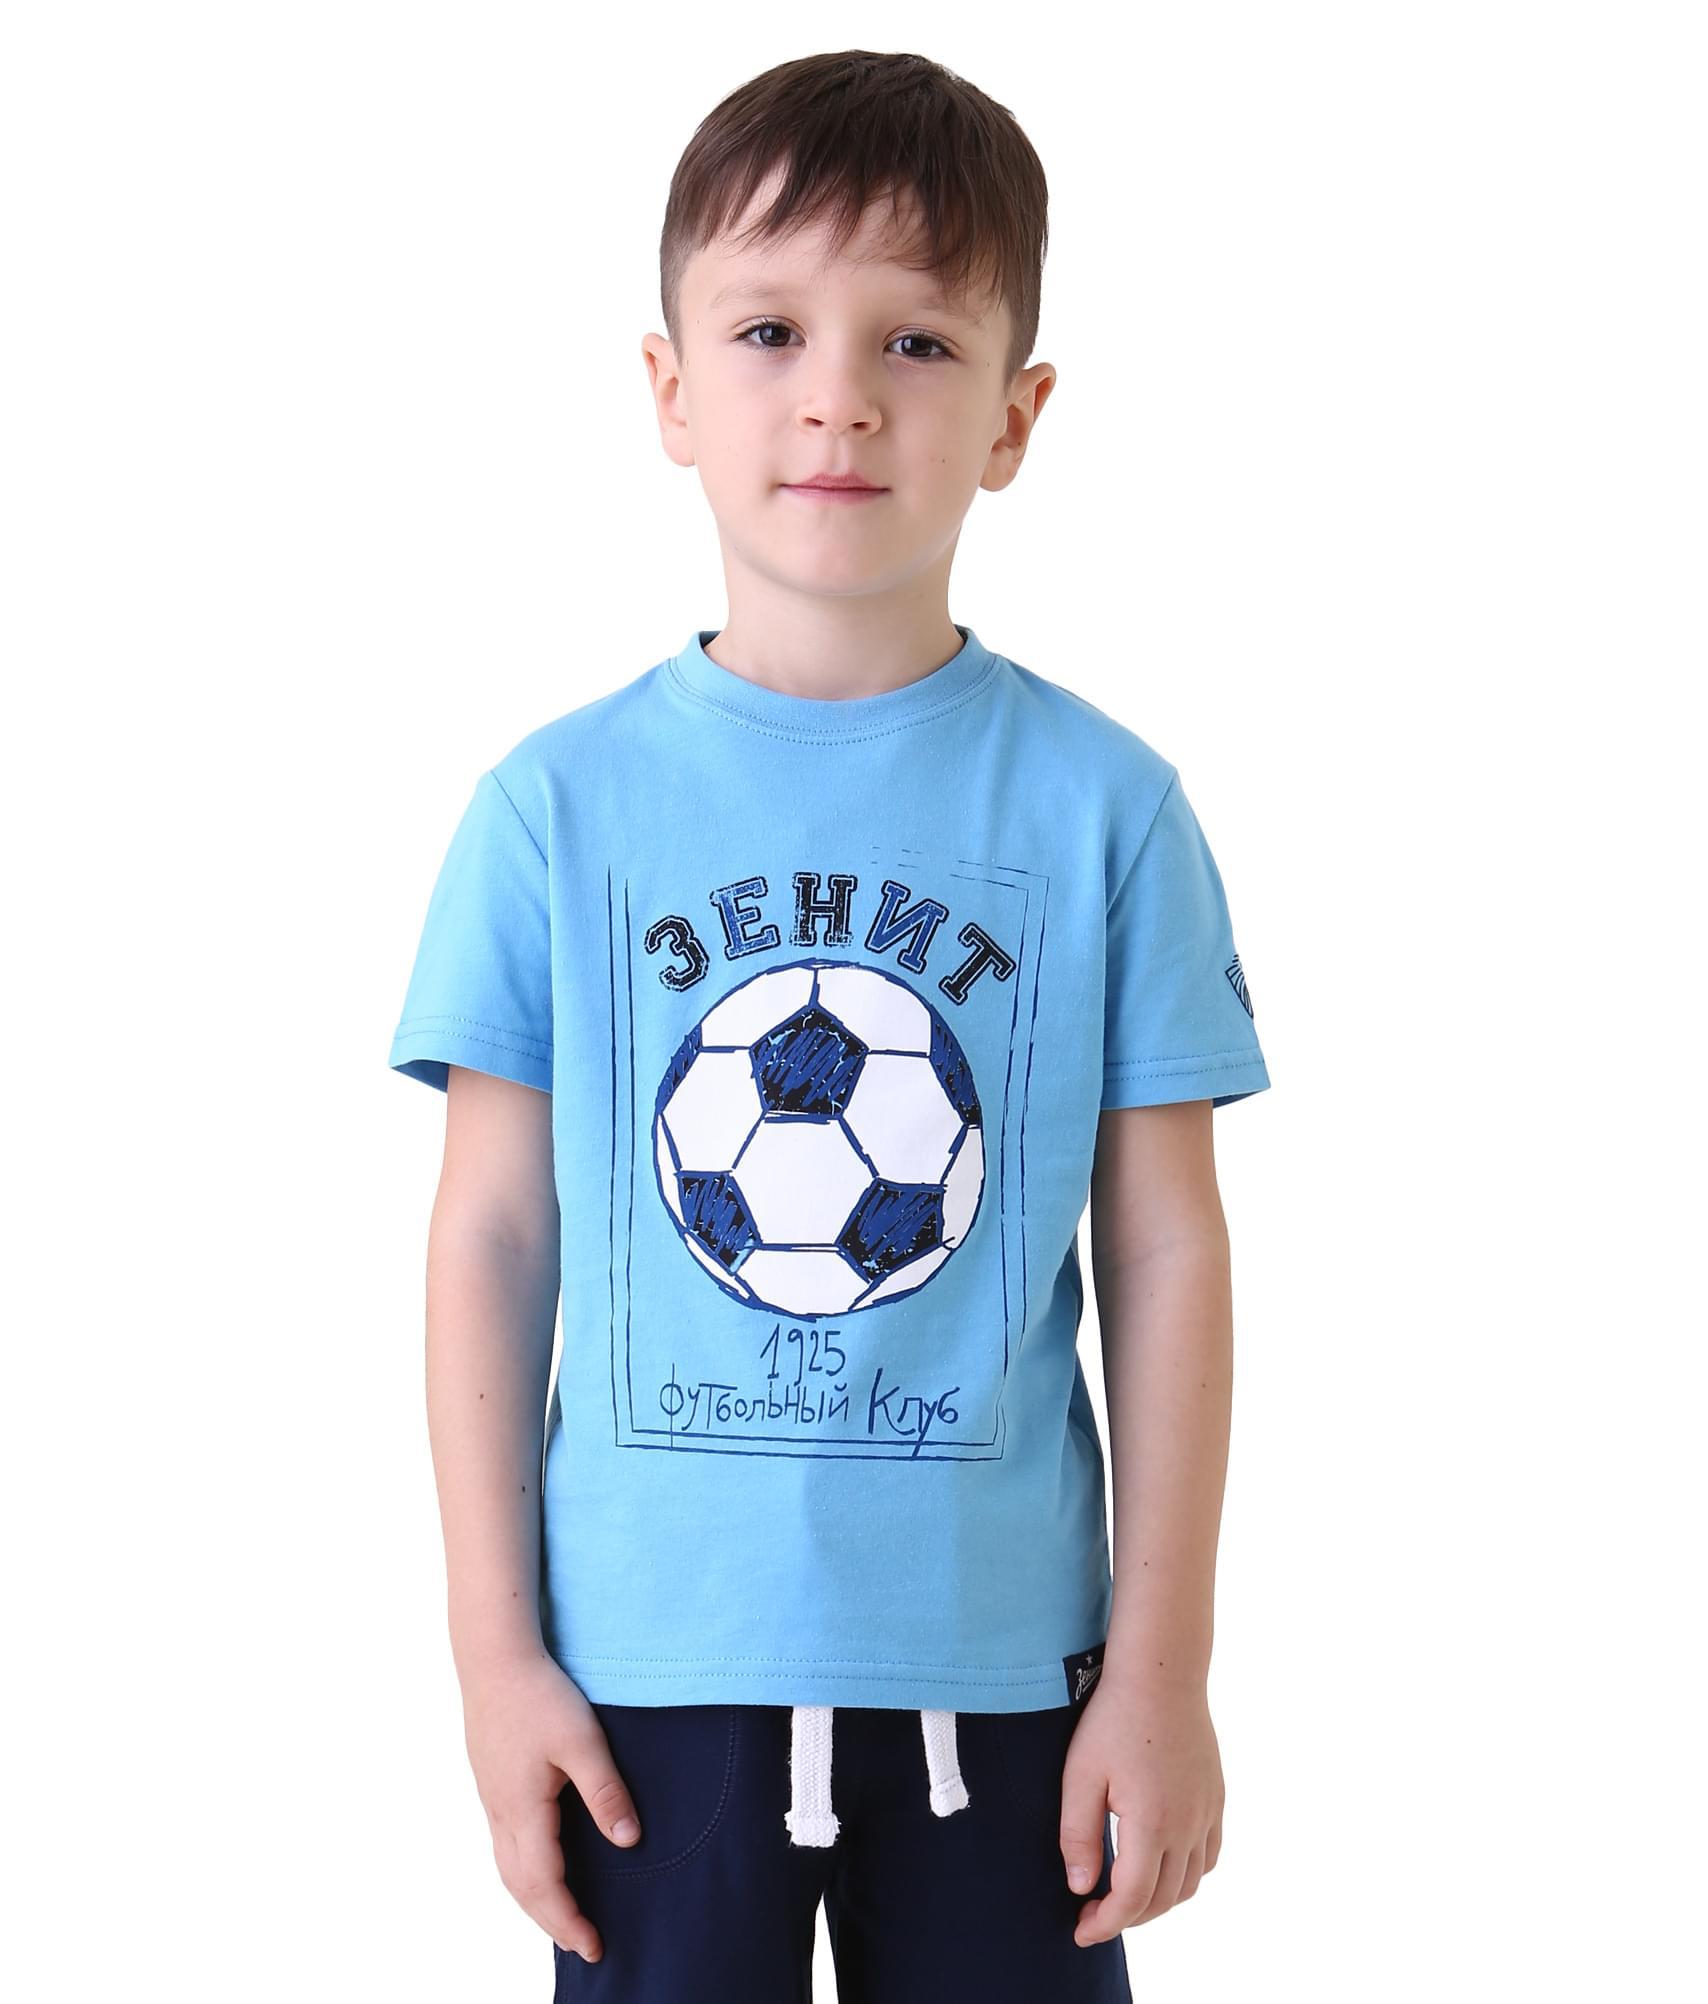 Футболка подростковая, Цвет-Голубой, Размер-122-128 infinity by acoola roberto р 122 128 белая